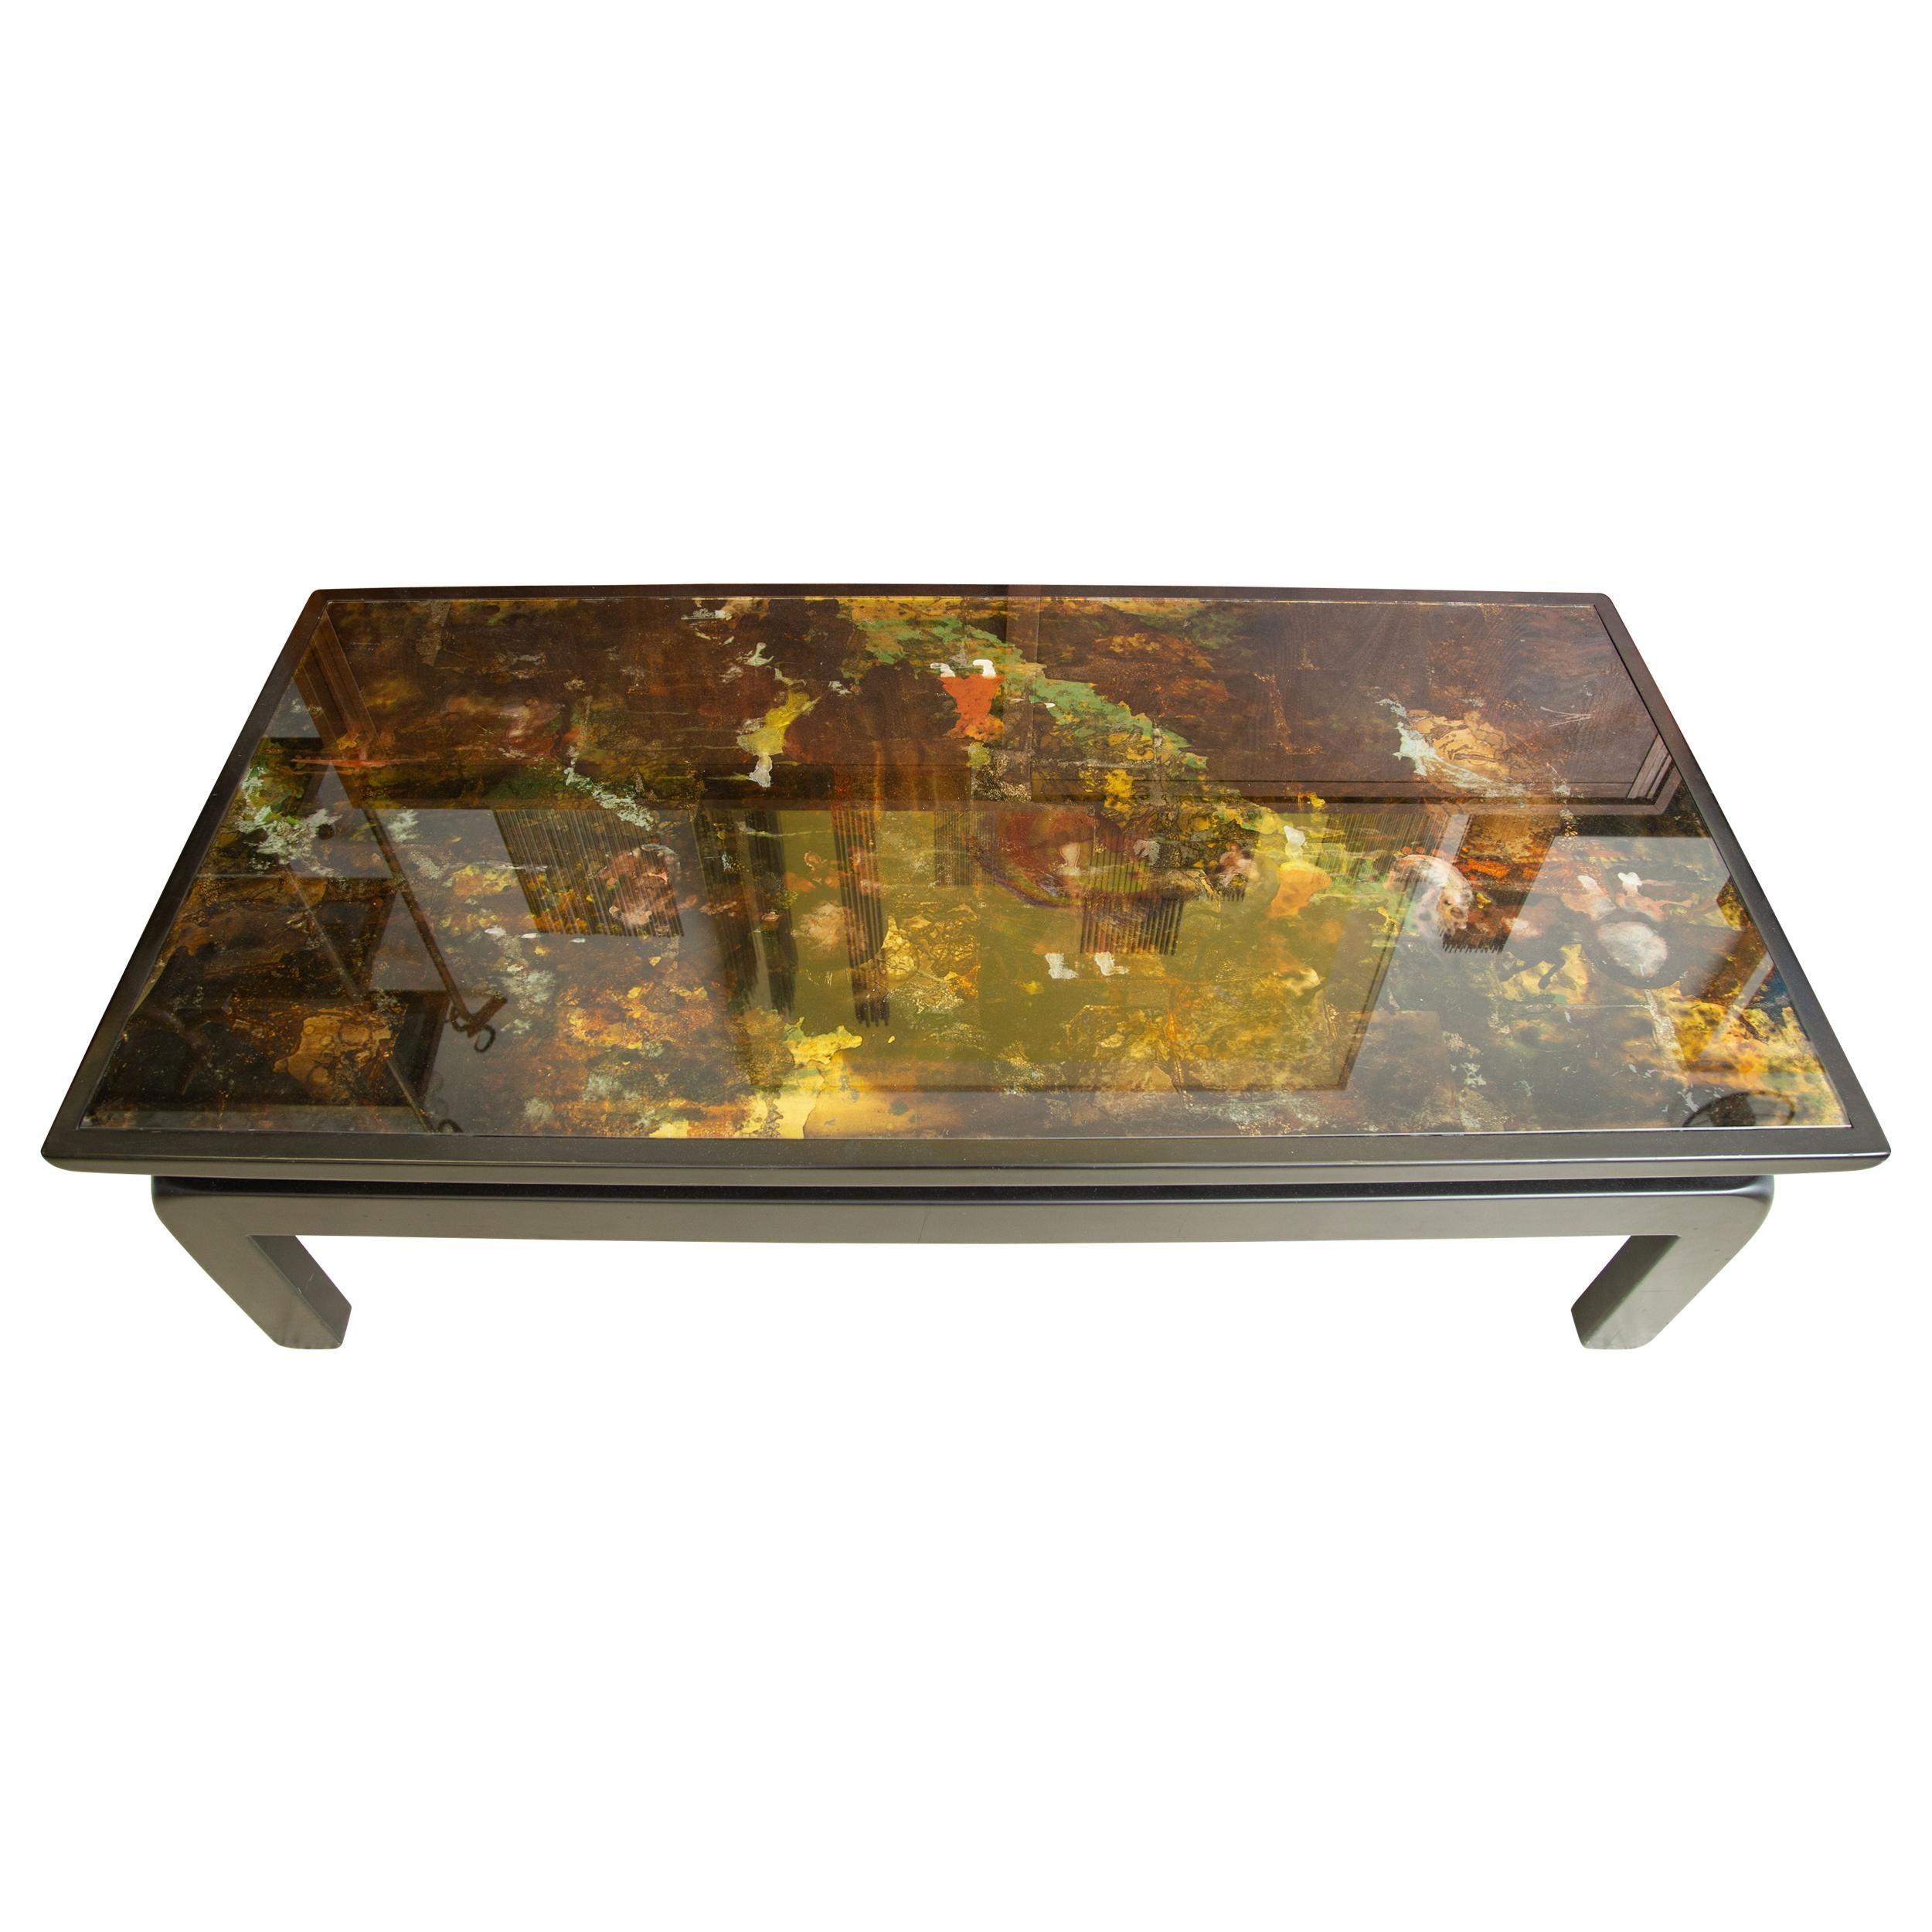 Églomisé Glass Coffee Table